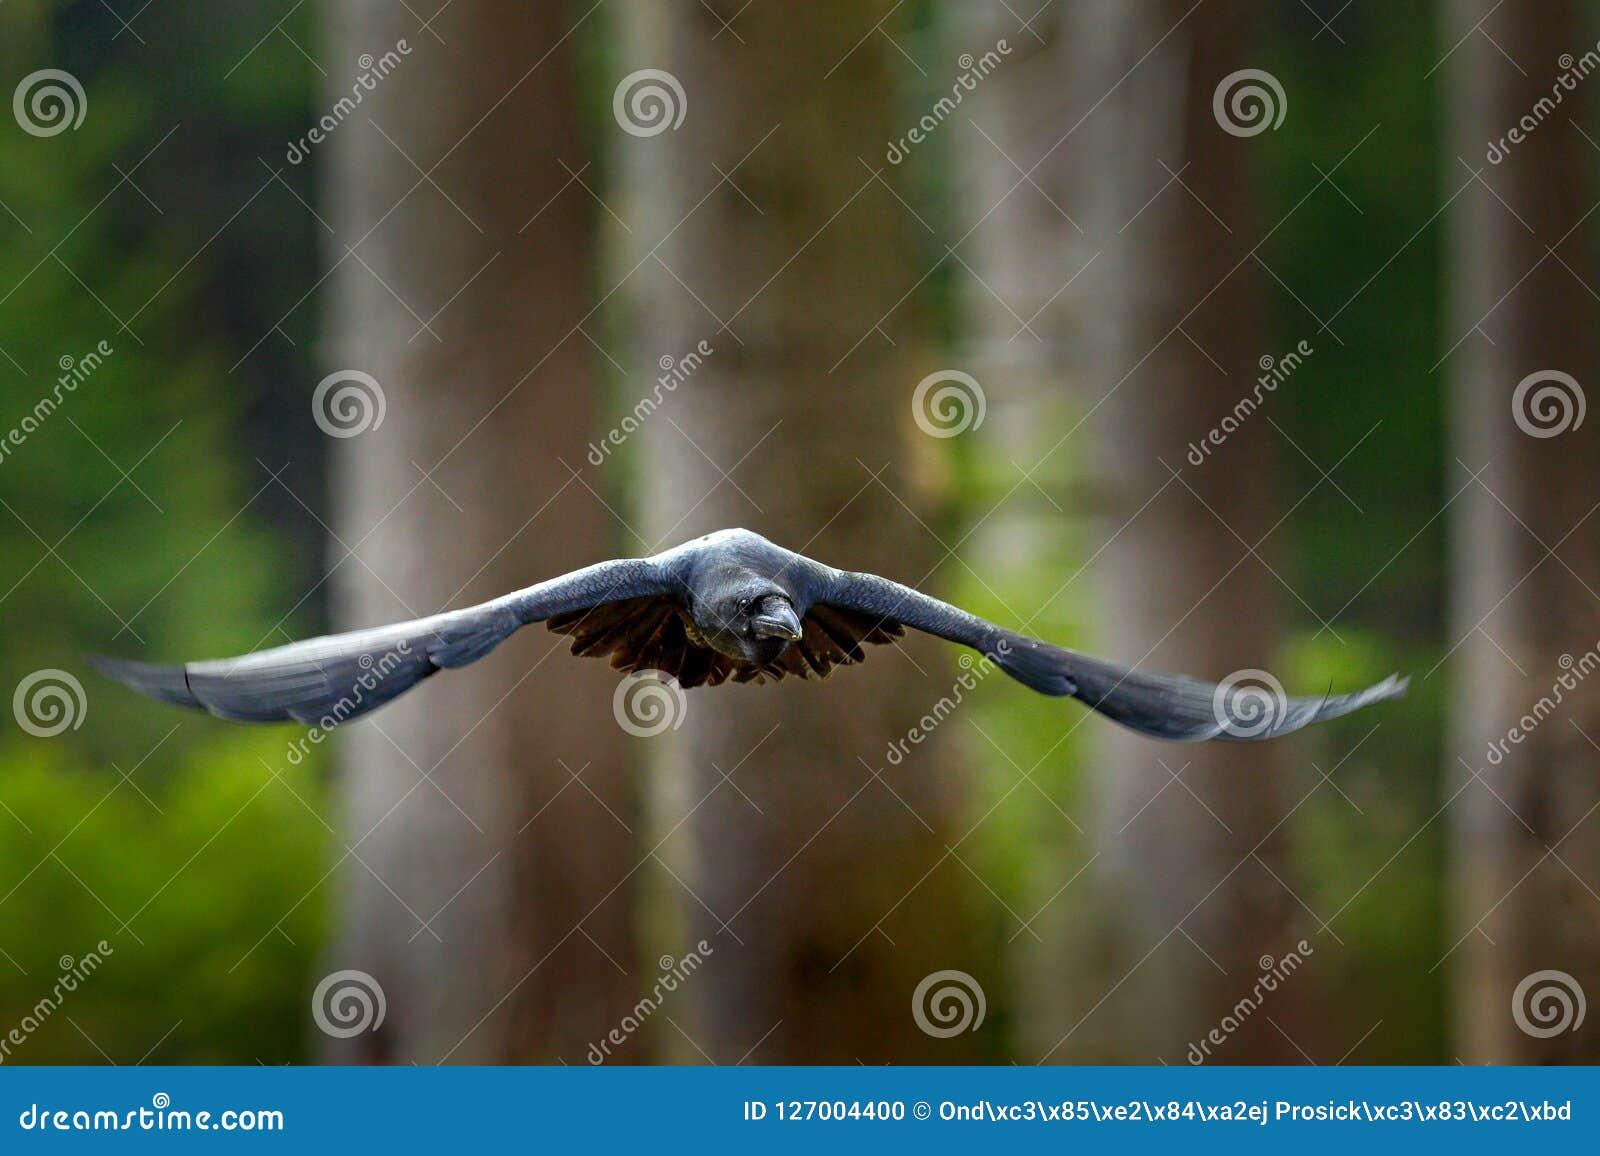 Γυμνό μαύρο πουλί φωτογραφίες